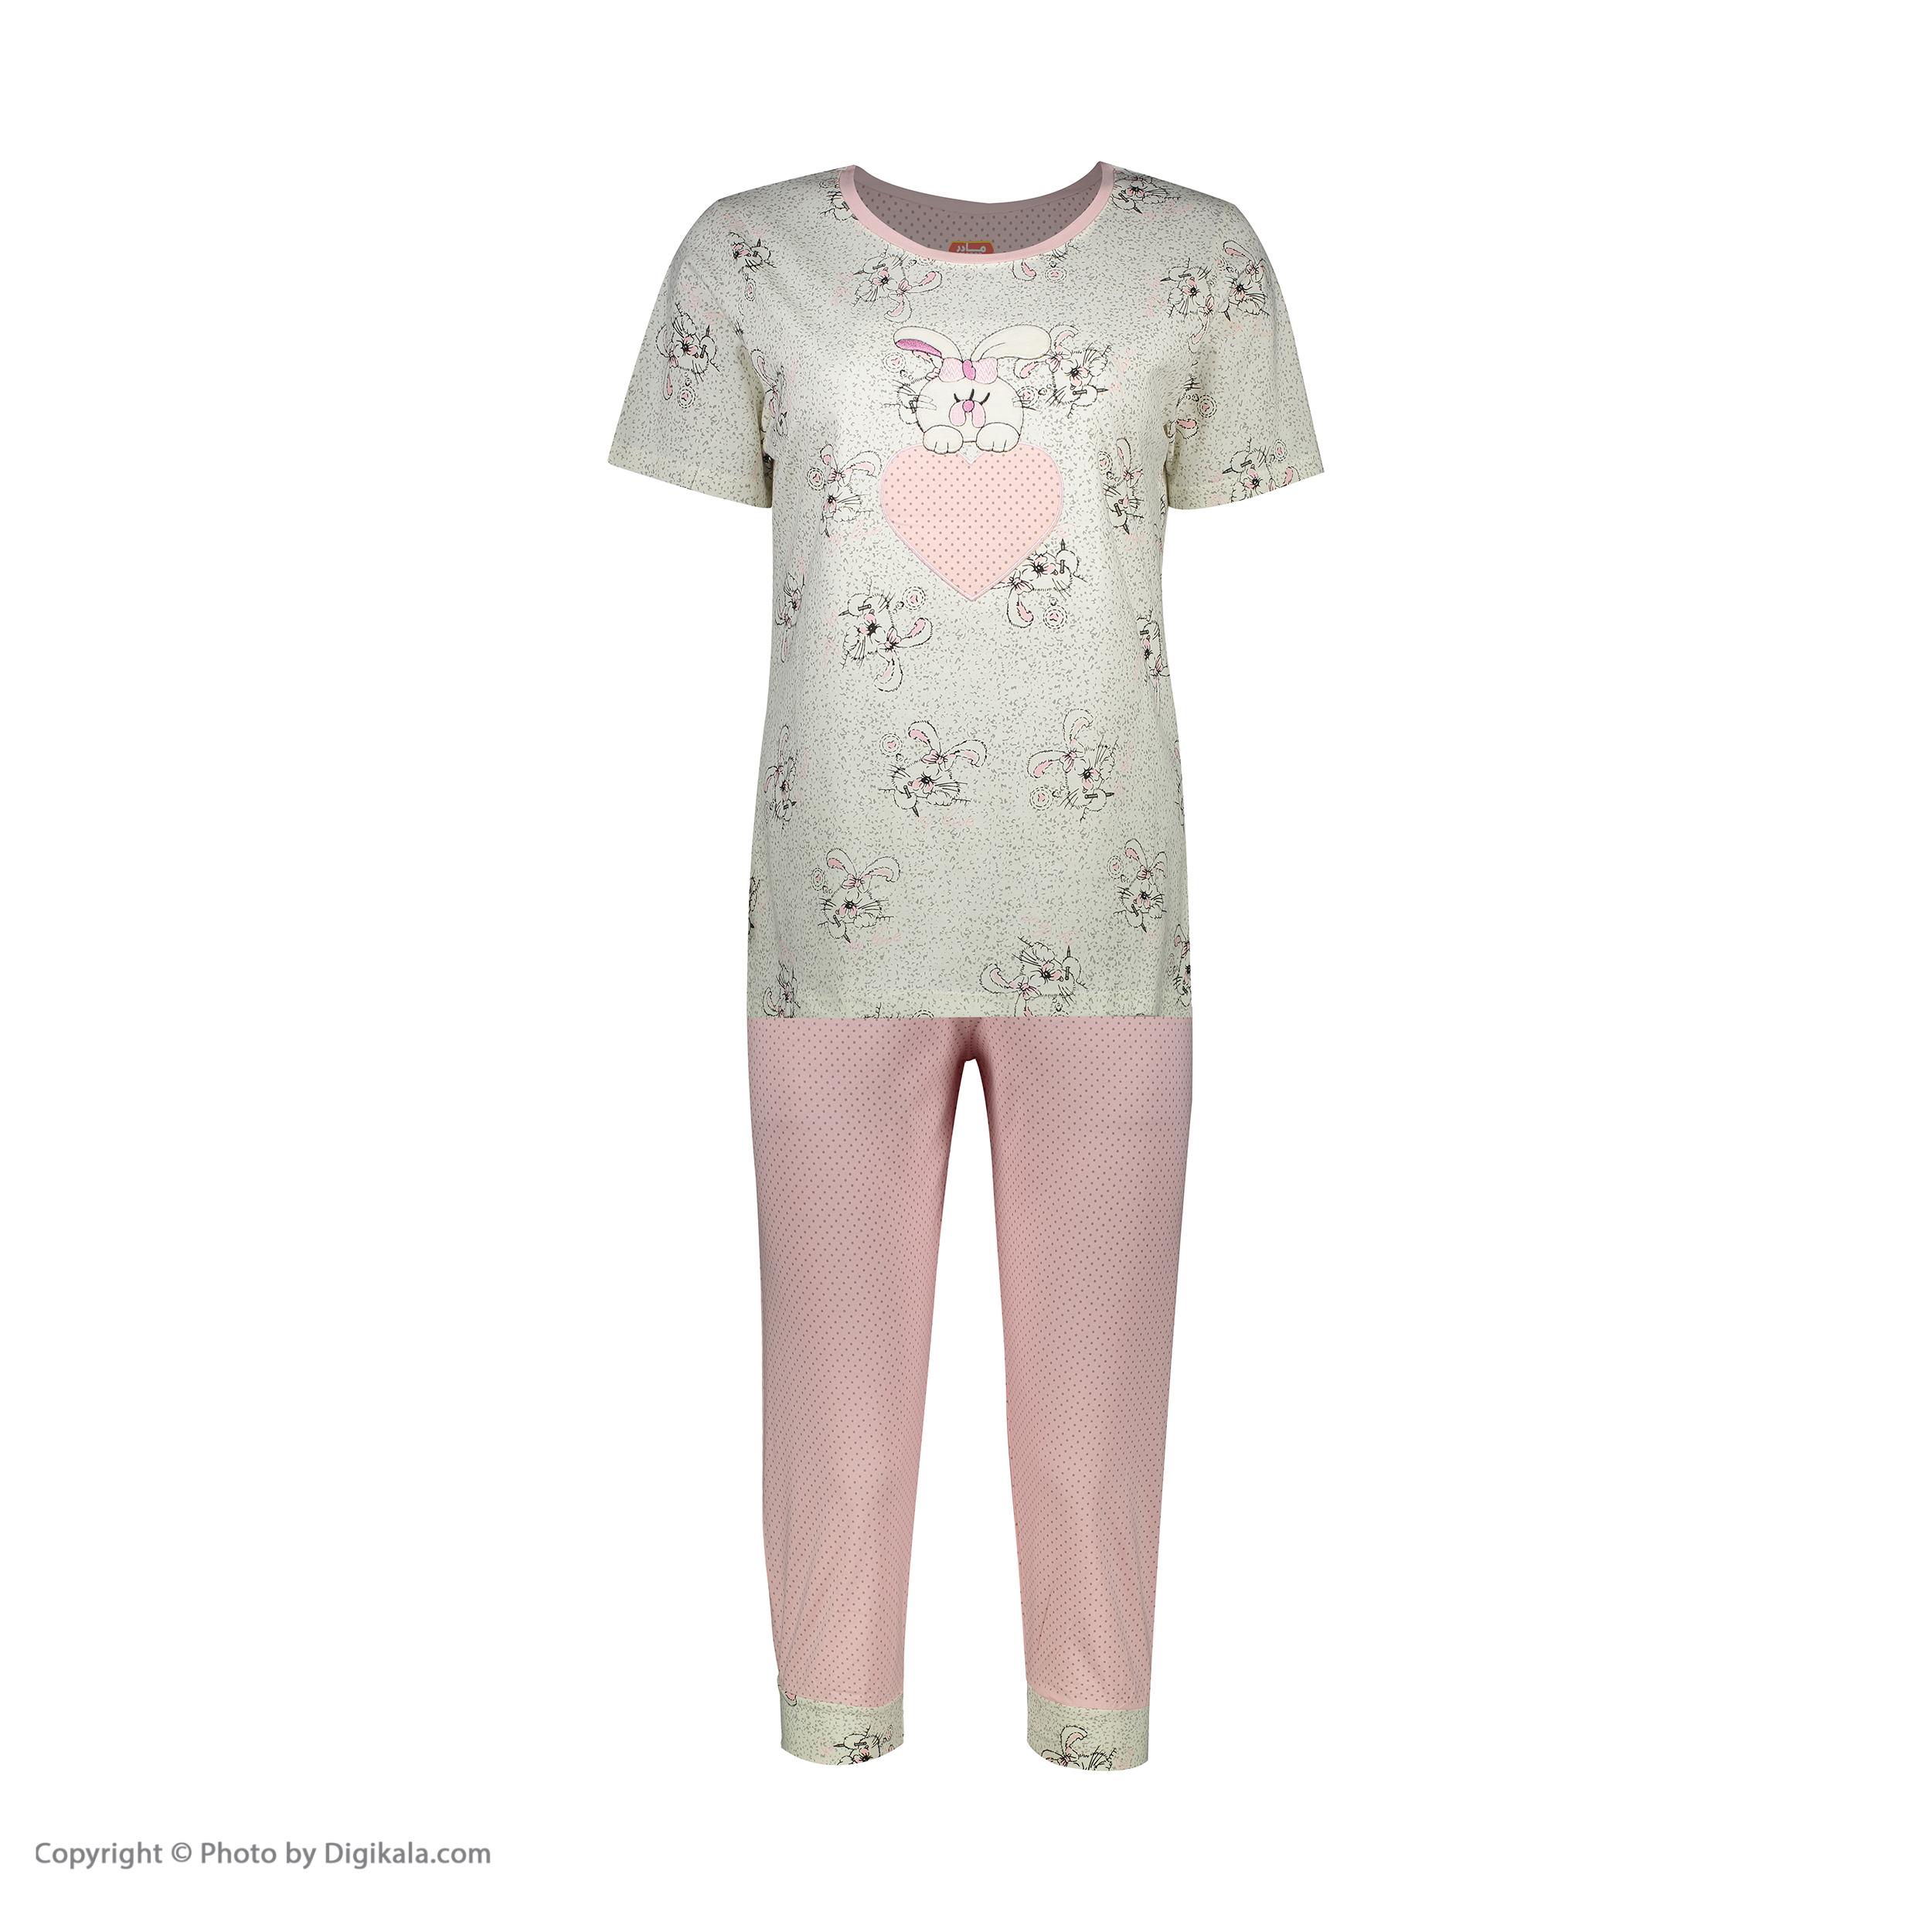 ست تی شرت و شلوارک راحتی زنانه مادر مدل 2041105-84 -  - 3